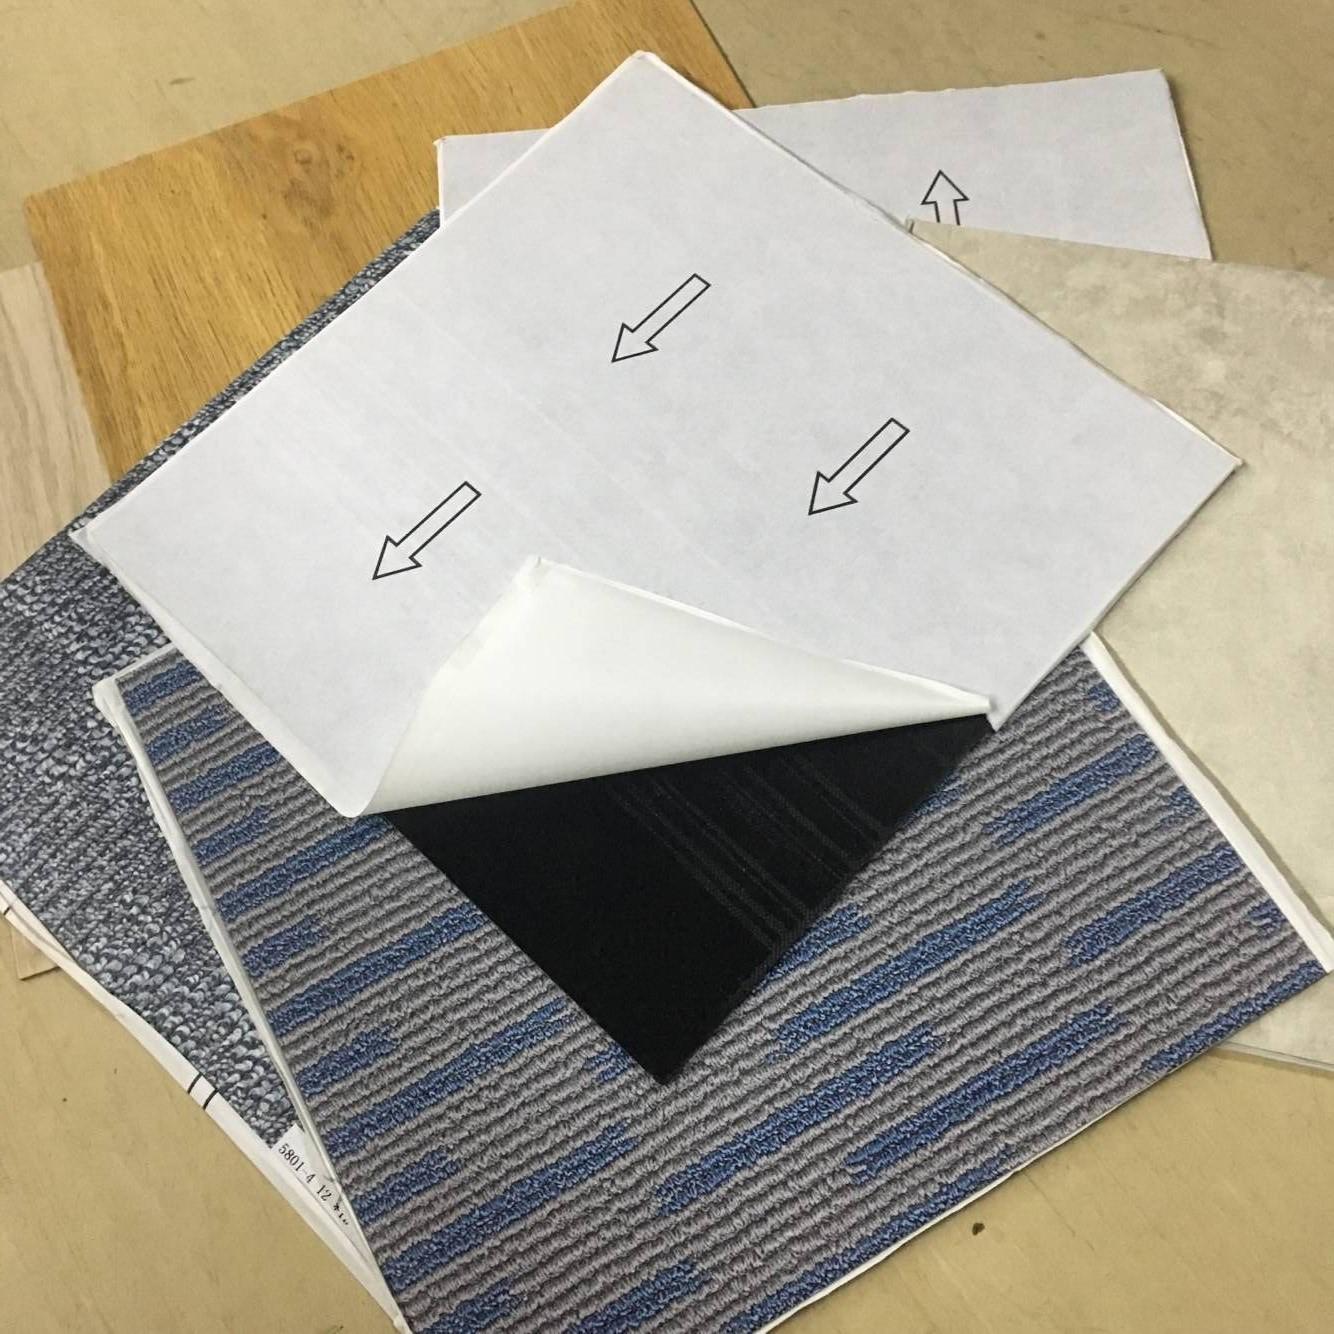 Сертификация CE, бесплатный образец, самоклеящееся виниловое напольное покрытие из ПВХ, напольная плитка из ПВХ, доска 1,5 мм